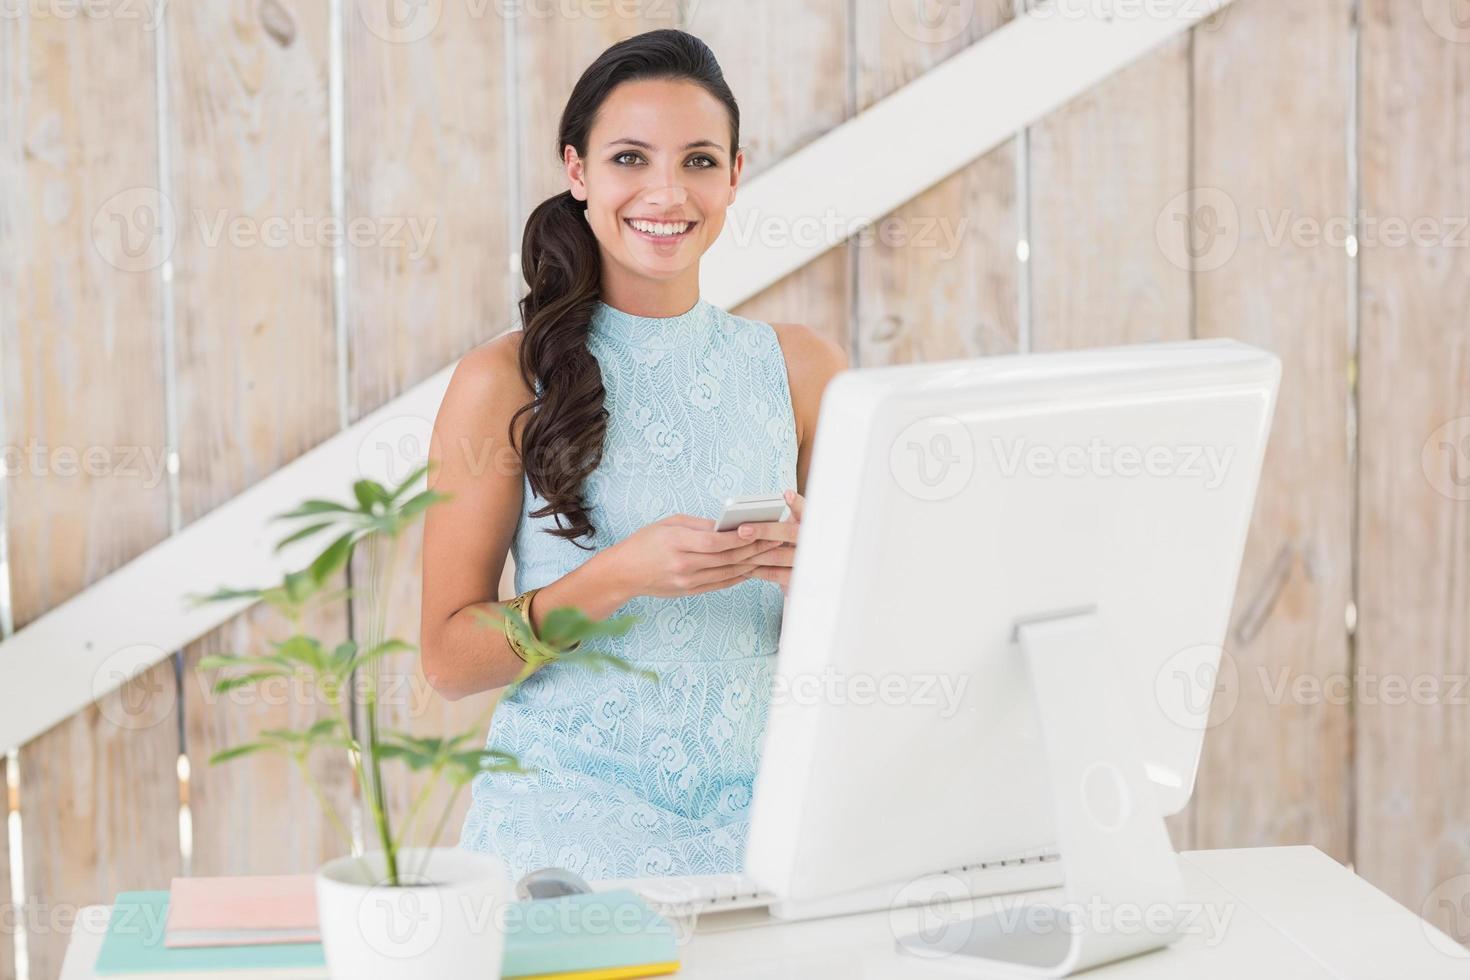 brune élégante travaillant à domicile photo